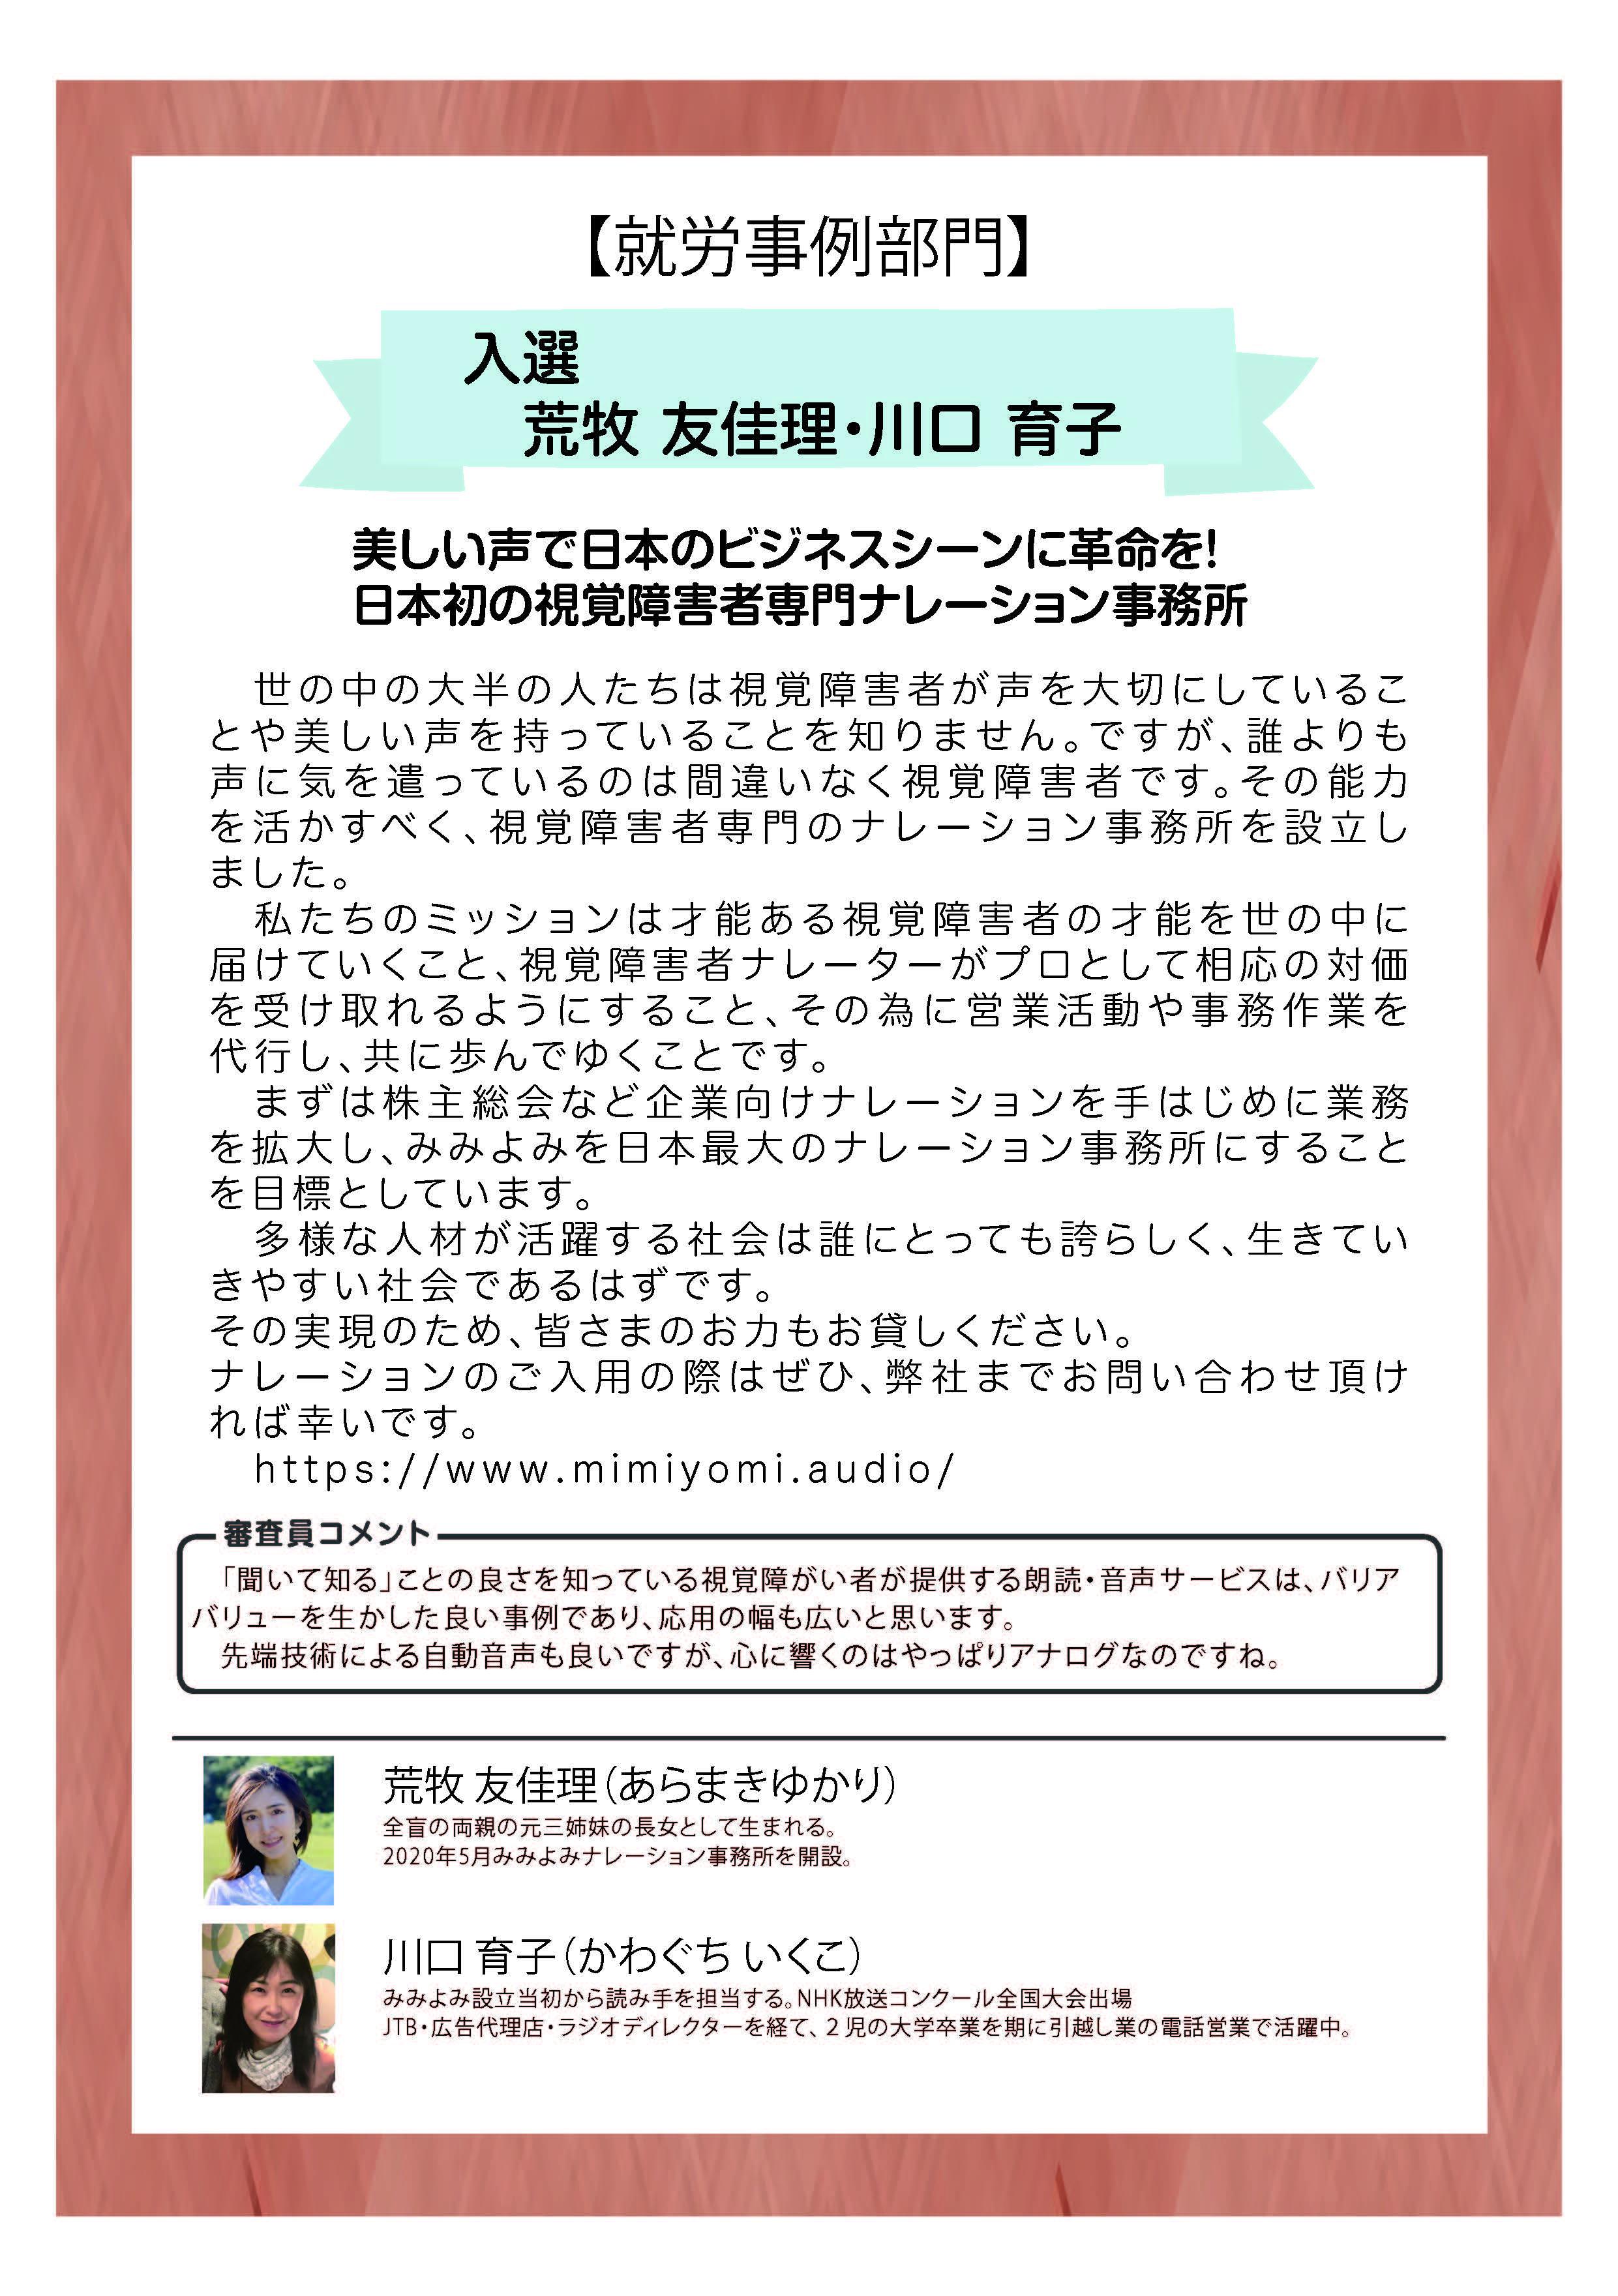 【就労事例部門】 入選 荒牧 友佳理・川口 育子 美しい声で日本のビジネスシーンに革命を! 日本初の視覚障害者専門ナレーション事務所  世の中の大半の人たちは視覚障害者が声を大切にしていることや美しい声を持っていることを知りません。ですが、誰よりも声に気を遣っているのは間違いなく視覚障害者です。その能力を活かすべく、視覚障害者専門のナレーション事務所を設立しました。  私たちのミッションは才能ある視覚障害者の才能を世の中に届けていくこと、視覚障害者ナレーターがプロとして相応の対価を受け取れるようにすること、その為に営業活動や事務作業を代行し、共に歩んでゆくことです。  まずは株主総会など企業向けナレーションを手はじめに業務を拡大し、みみよみを日本最大のナレーション事務所にすることを目標としています。  多様な人材が活躍する社会は誰にとっても誇らしく、生きていきやすい社会であるはずです。 その実現のため、皆さまのお力もお貸しください。 ナレーションのご入用の際はぜひ、弊社までお問い合わせ頂ければ幸いです。  https://www.mimiyomi.audio/  審査員コメント 「聞いて知る」ことの良さを知っている視覚障がい者が提供する朗読・音声サービスは、バリアバリューを生かした良い事例であり、応用の幅も広いと思います。 先端技術による自動音声も良いですが、心に響くのはやっぱりアナログなのですね。  荒牧 友佳理(あらまきゆかり) 全盲の両親の元三姉妹の長女として生まれる。 2020年5月みみよみナレーション事務所を開設。 川口 育子(かわぐち いくこ) みみよみ設立当初から読み手を担当する。NHK放送コンクール全国大会出場 JTB・広告代理店・ラジオディレクターを経て、2児の大学卒業を期に引越し業の電話営業で活躍中。